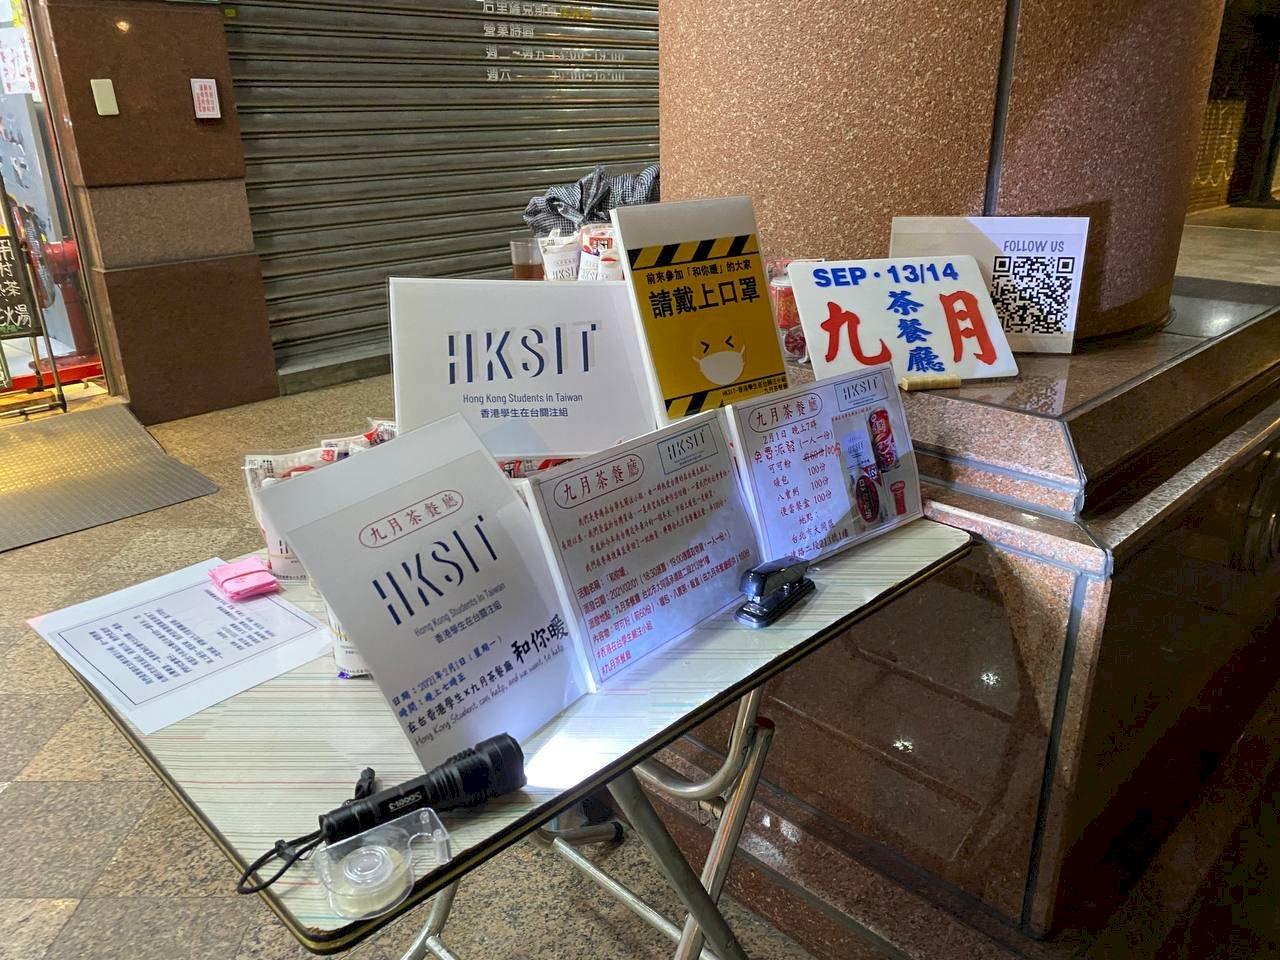 再訪香港學生在台關注小組,最近有什麼新消息?